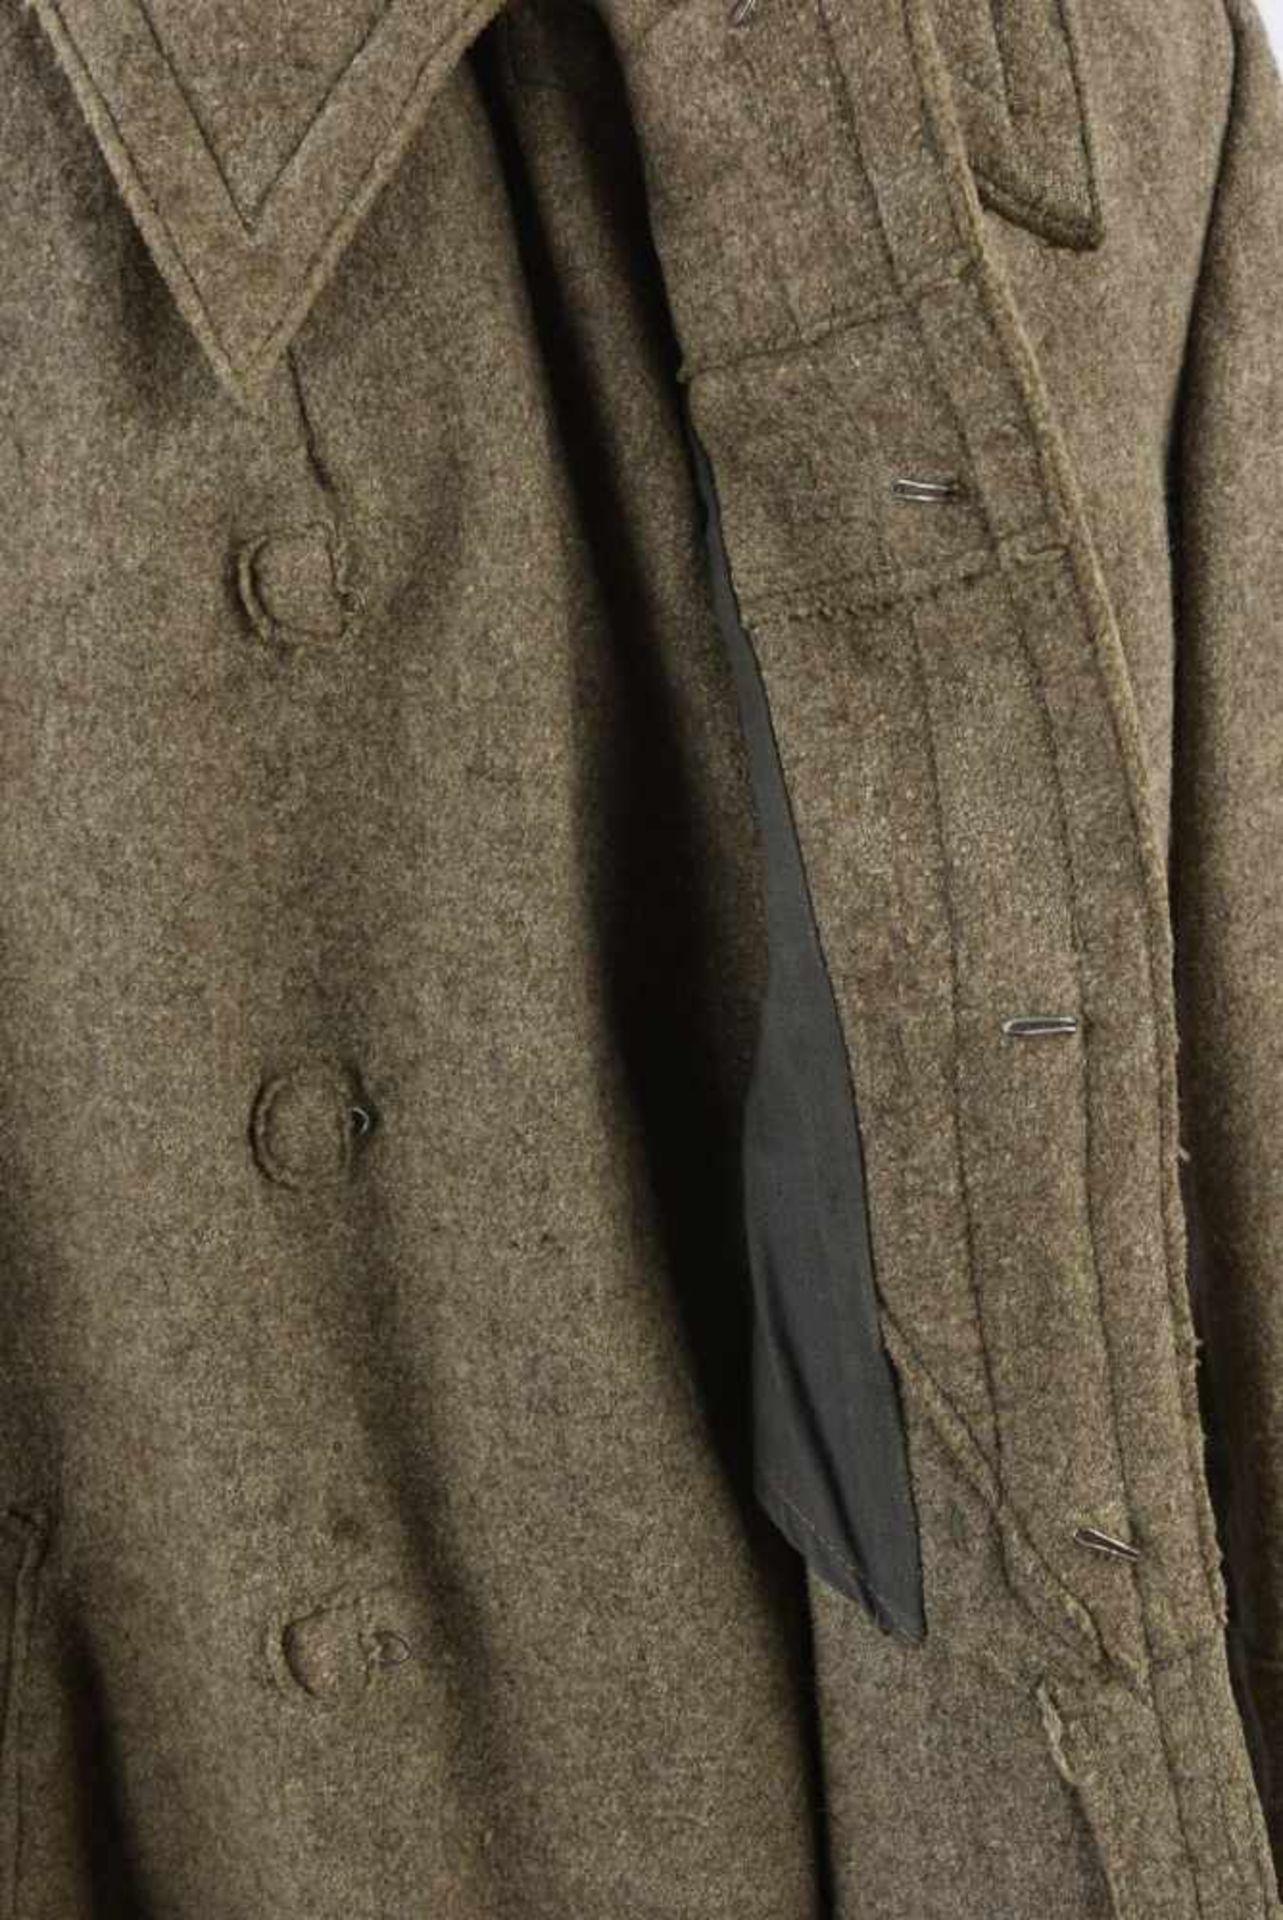 Capote M.43, complète Bonne taille, bon état. Découverte en Mayenne, ramenée par un prisonnier - Bild 2 aus 4